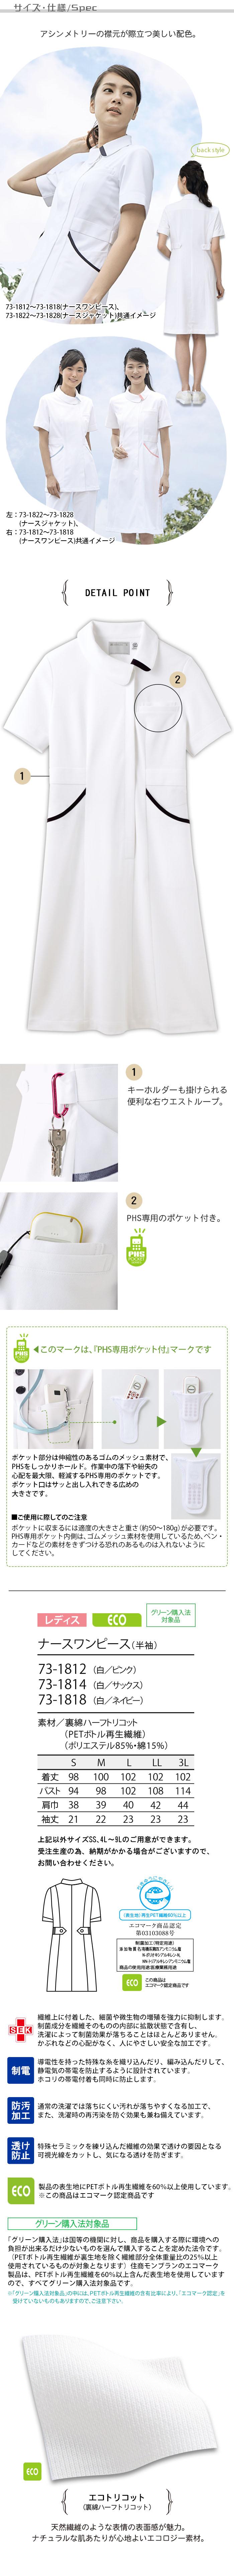 医療用スクラブ 商品詳細画像